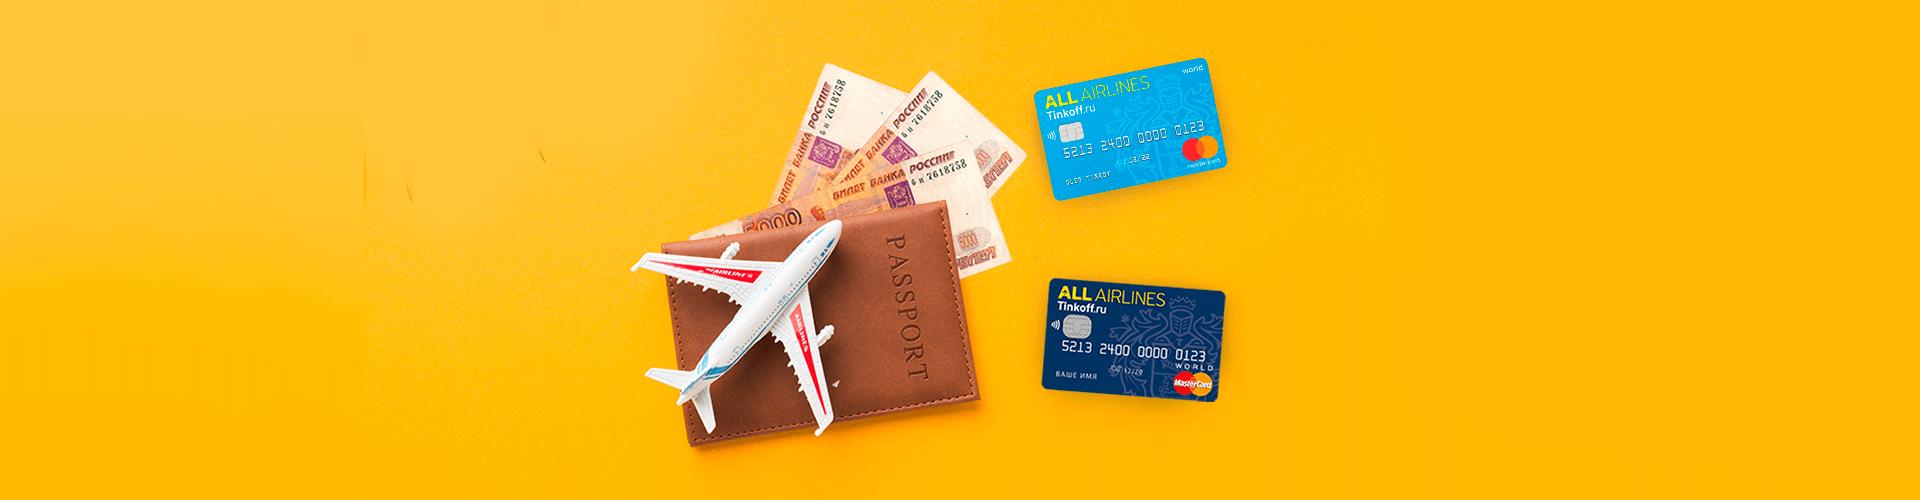 тинькофф путешествия, паспорт, самолет, деньги